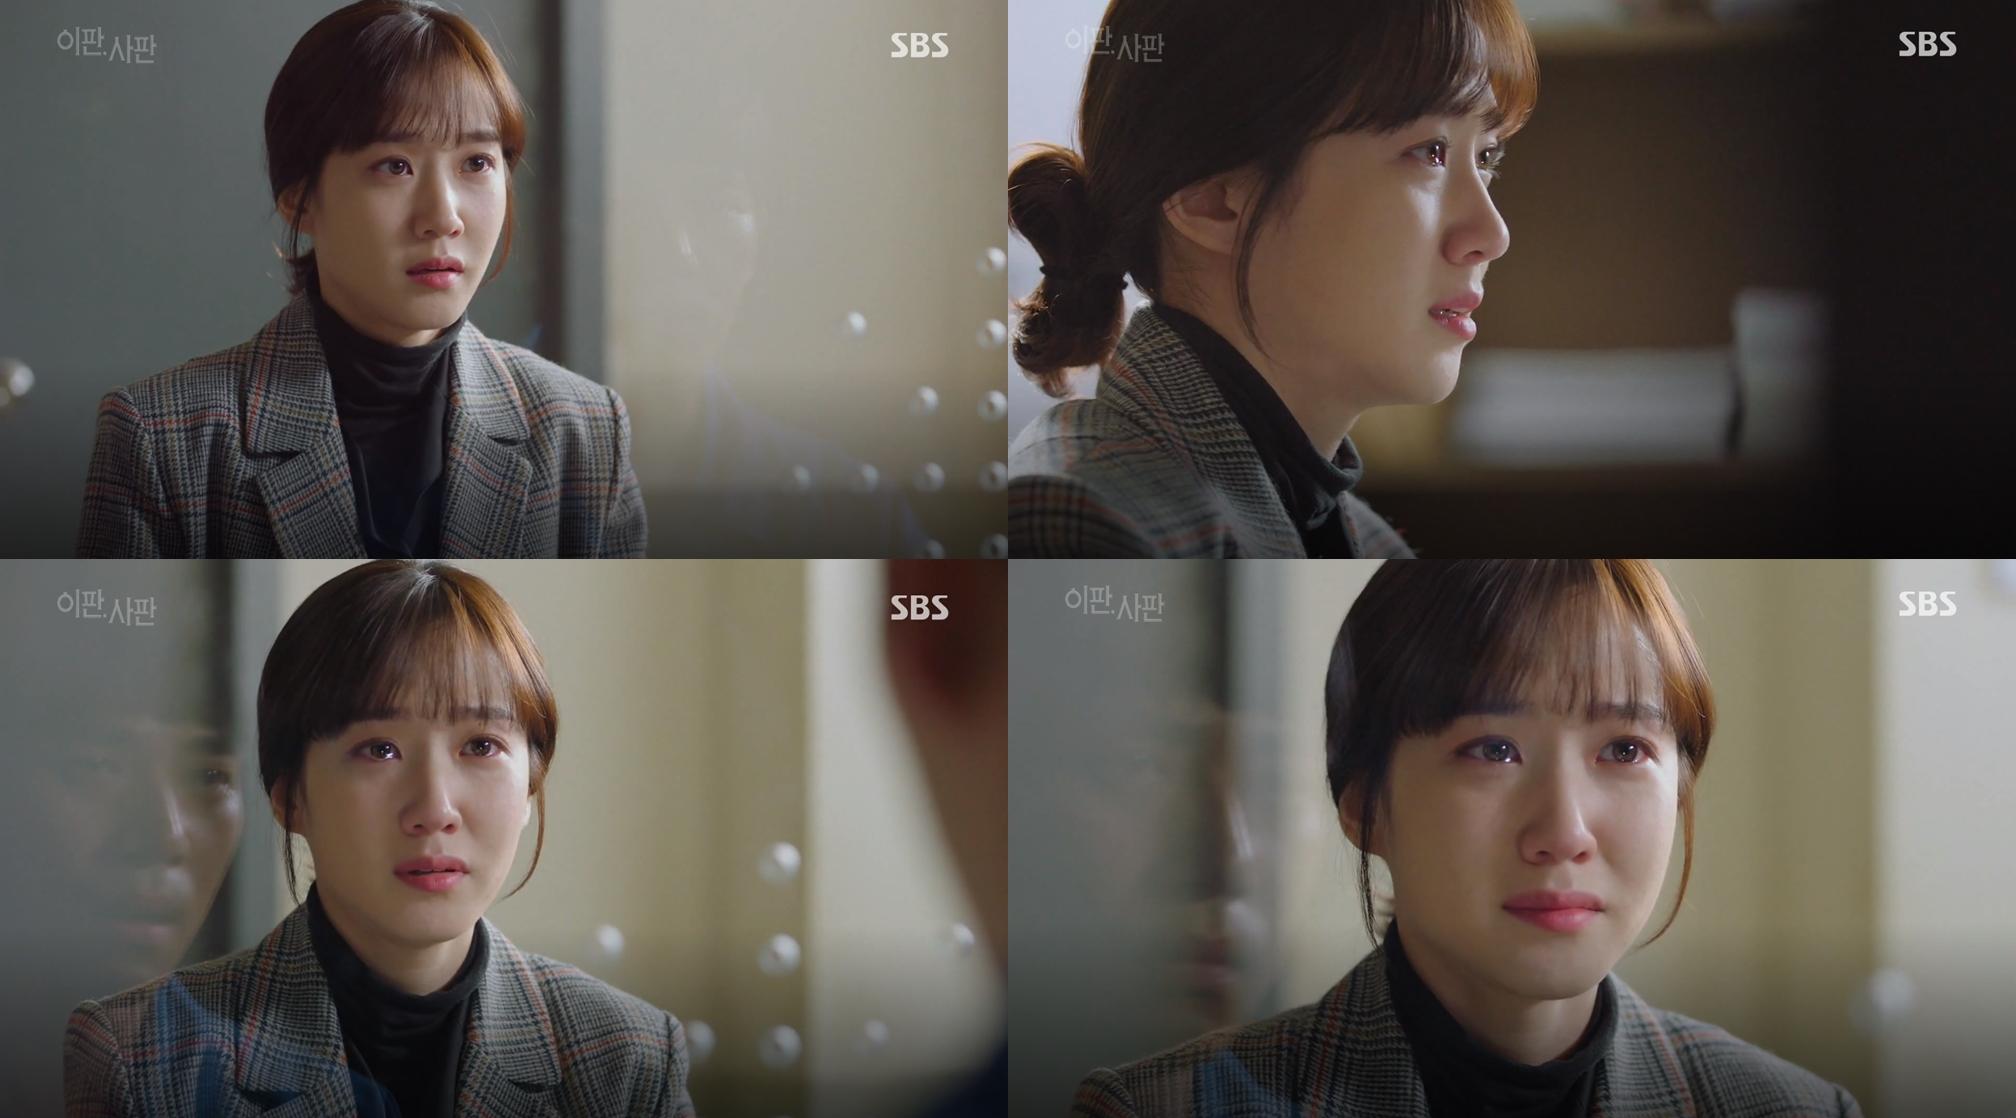 <이판사판> 박은빈, 애절한 눈물 연기...안방 울렸다 '반전 엔딩'